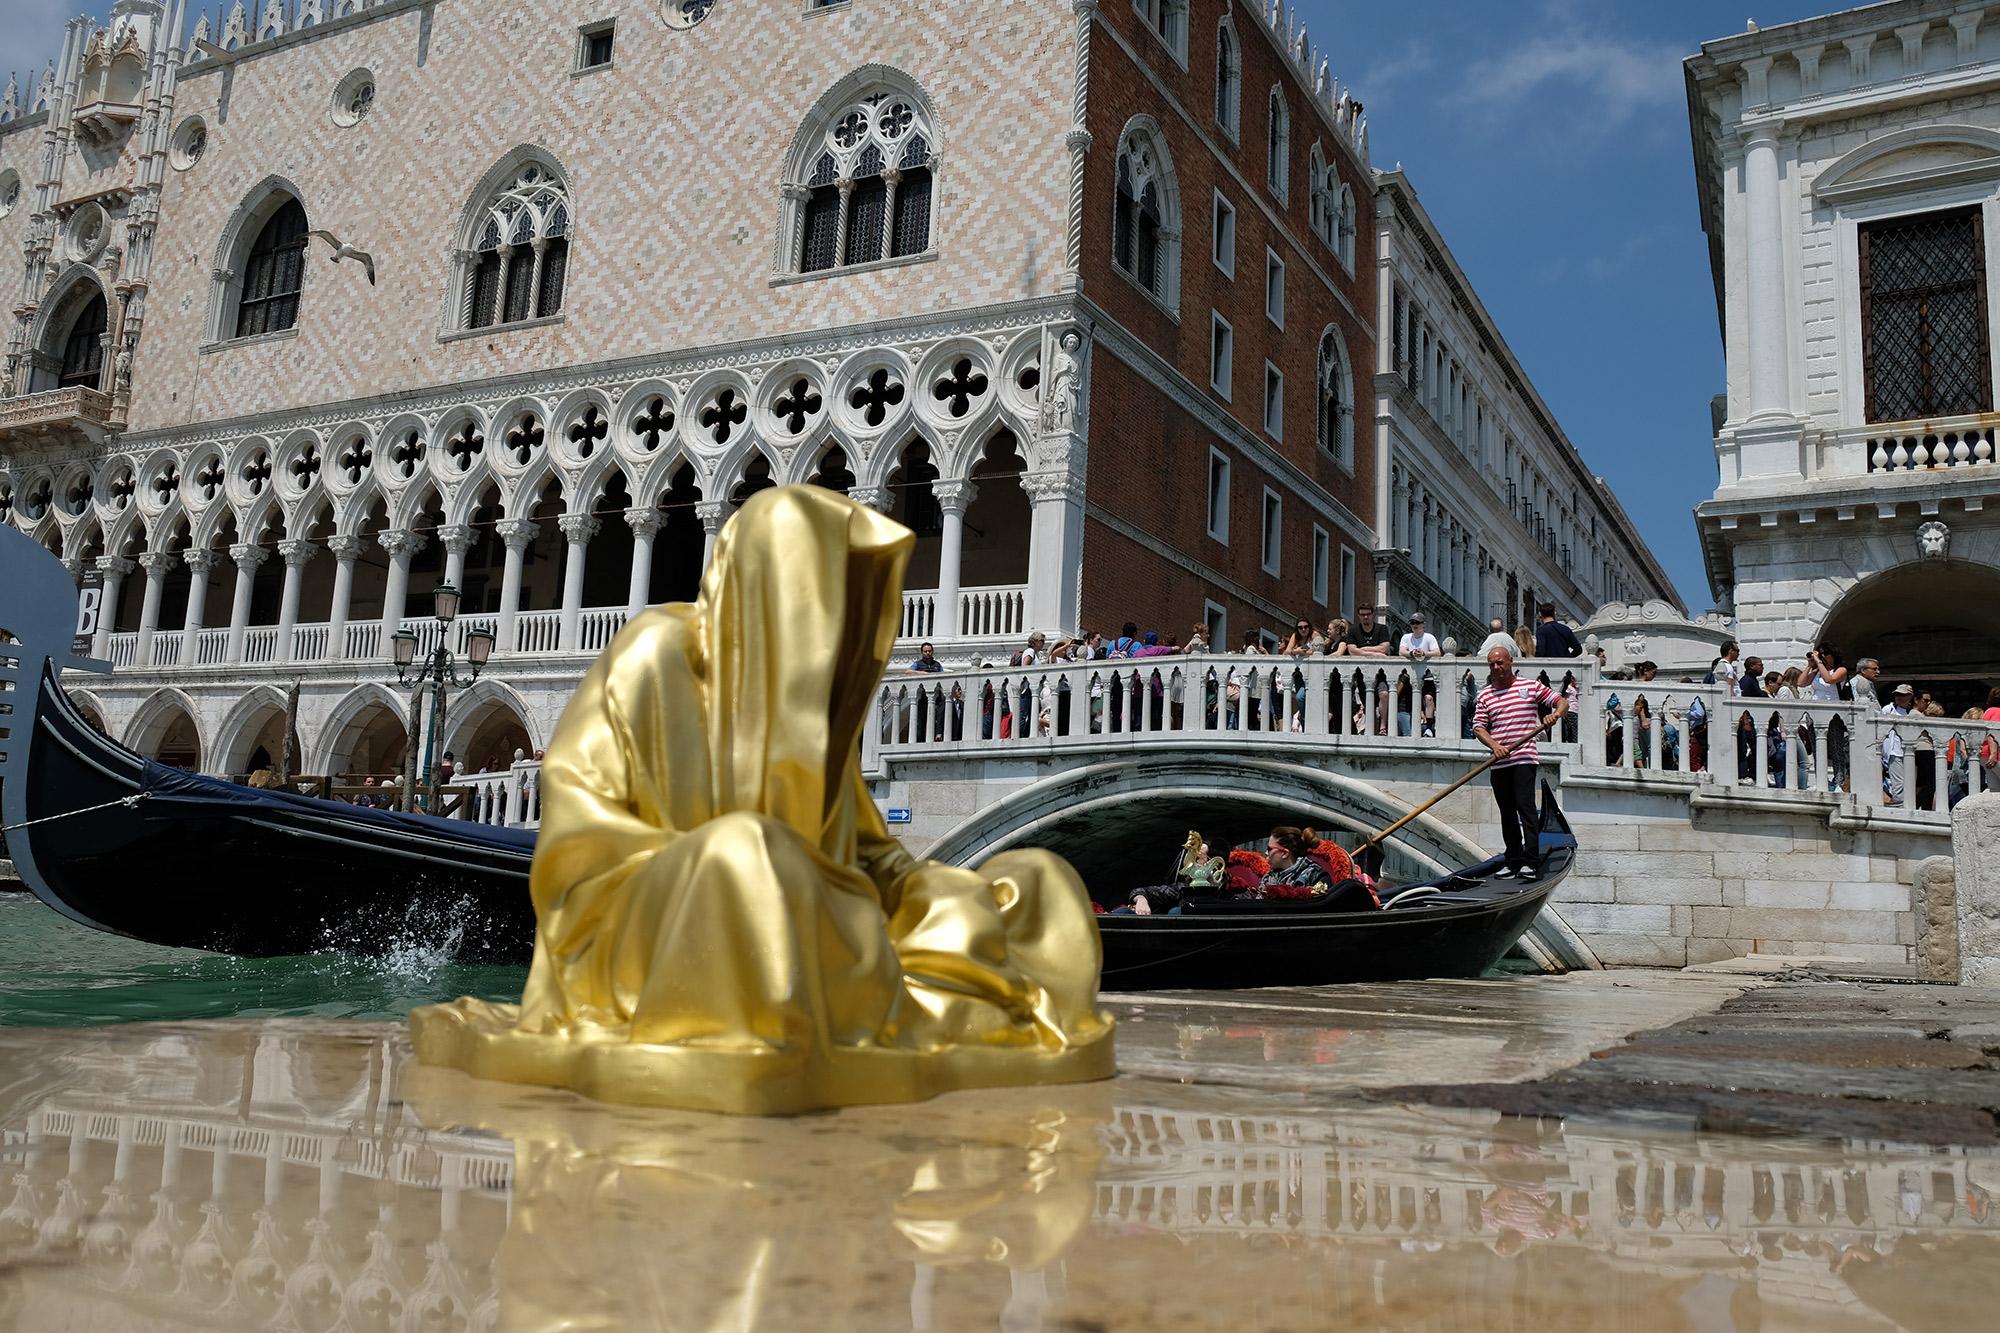 biennale venezia venice artfair artbiennial manfred On venice craft fair 2017